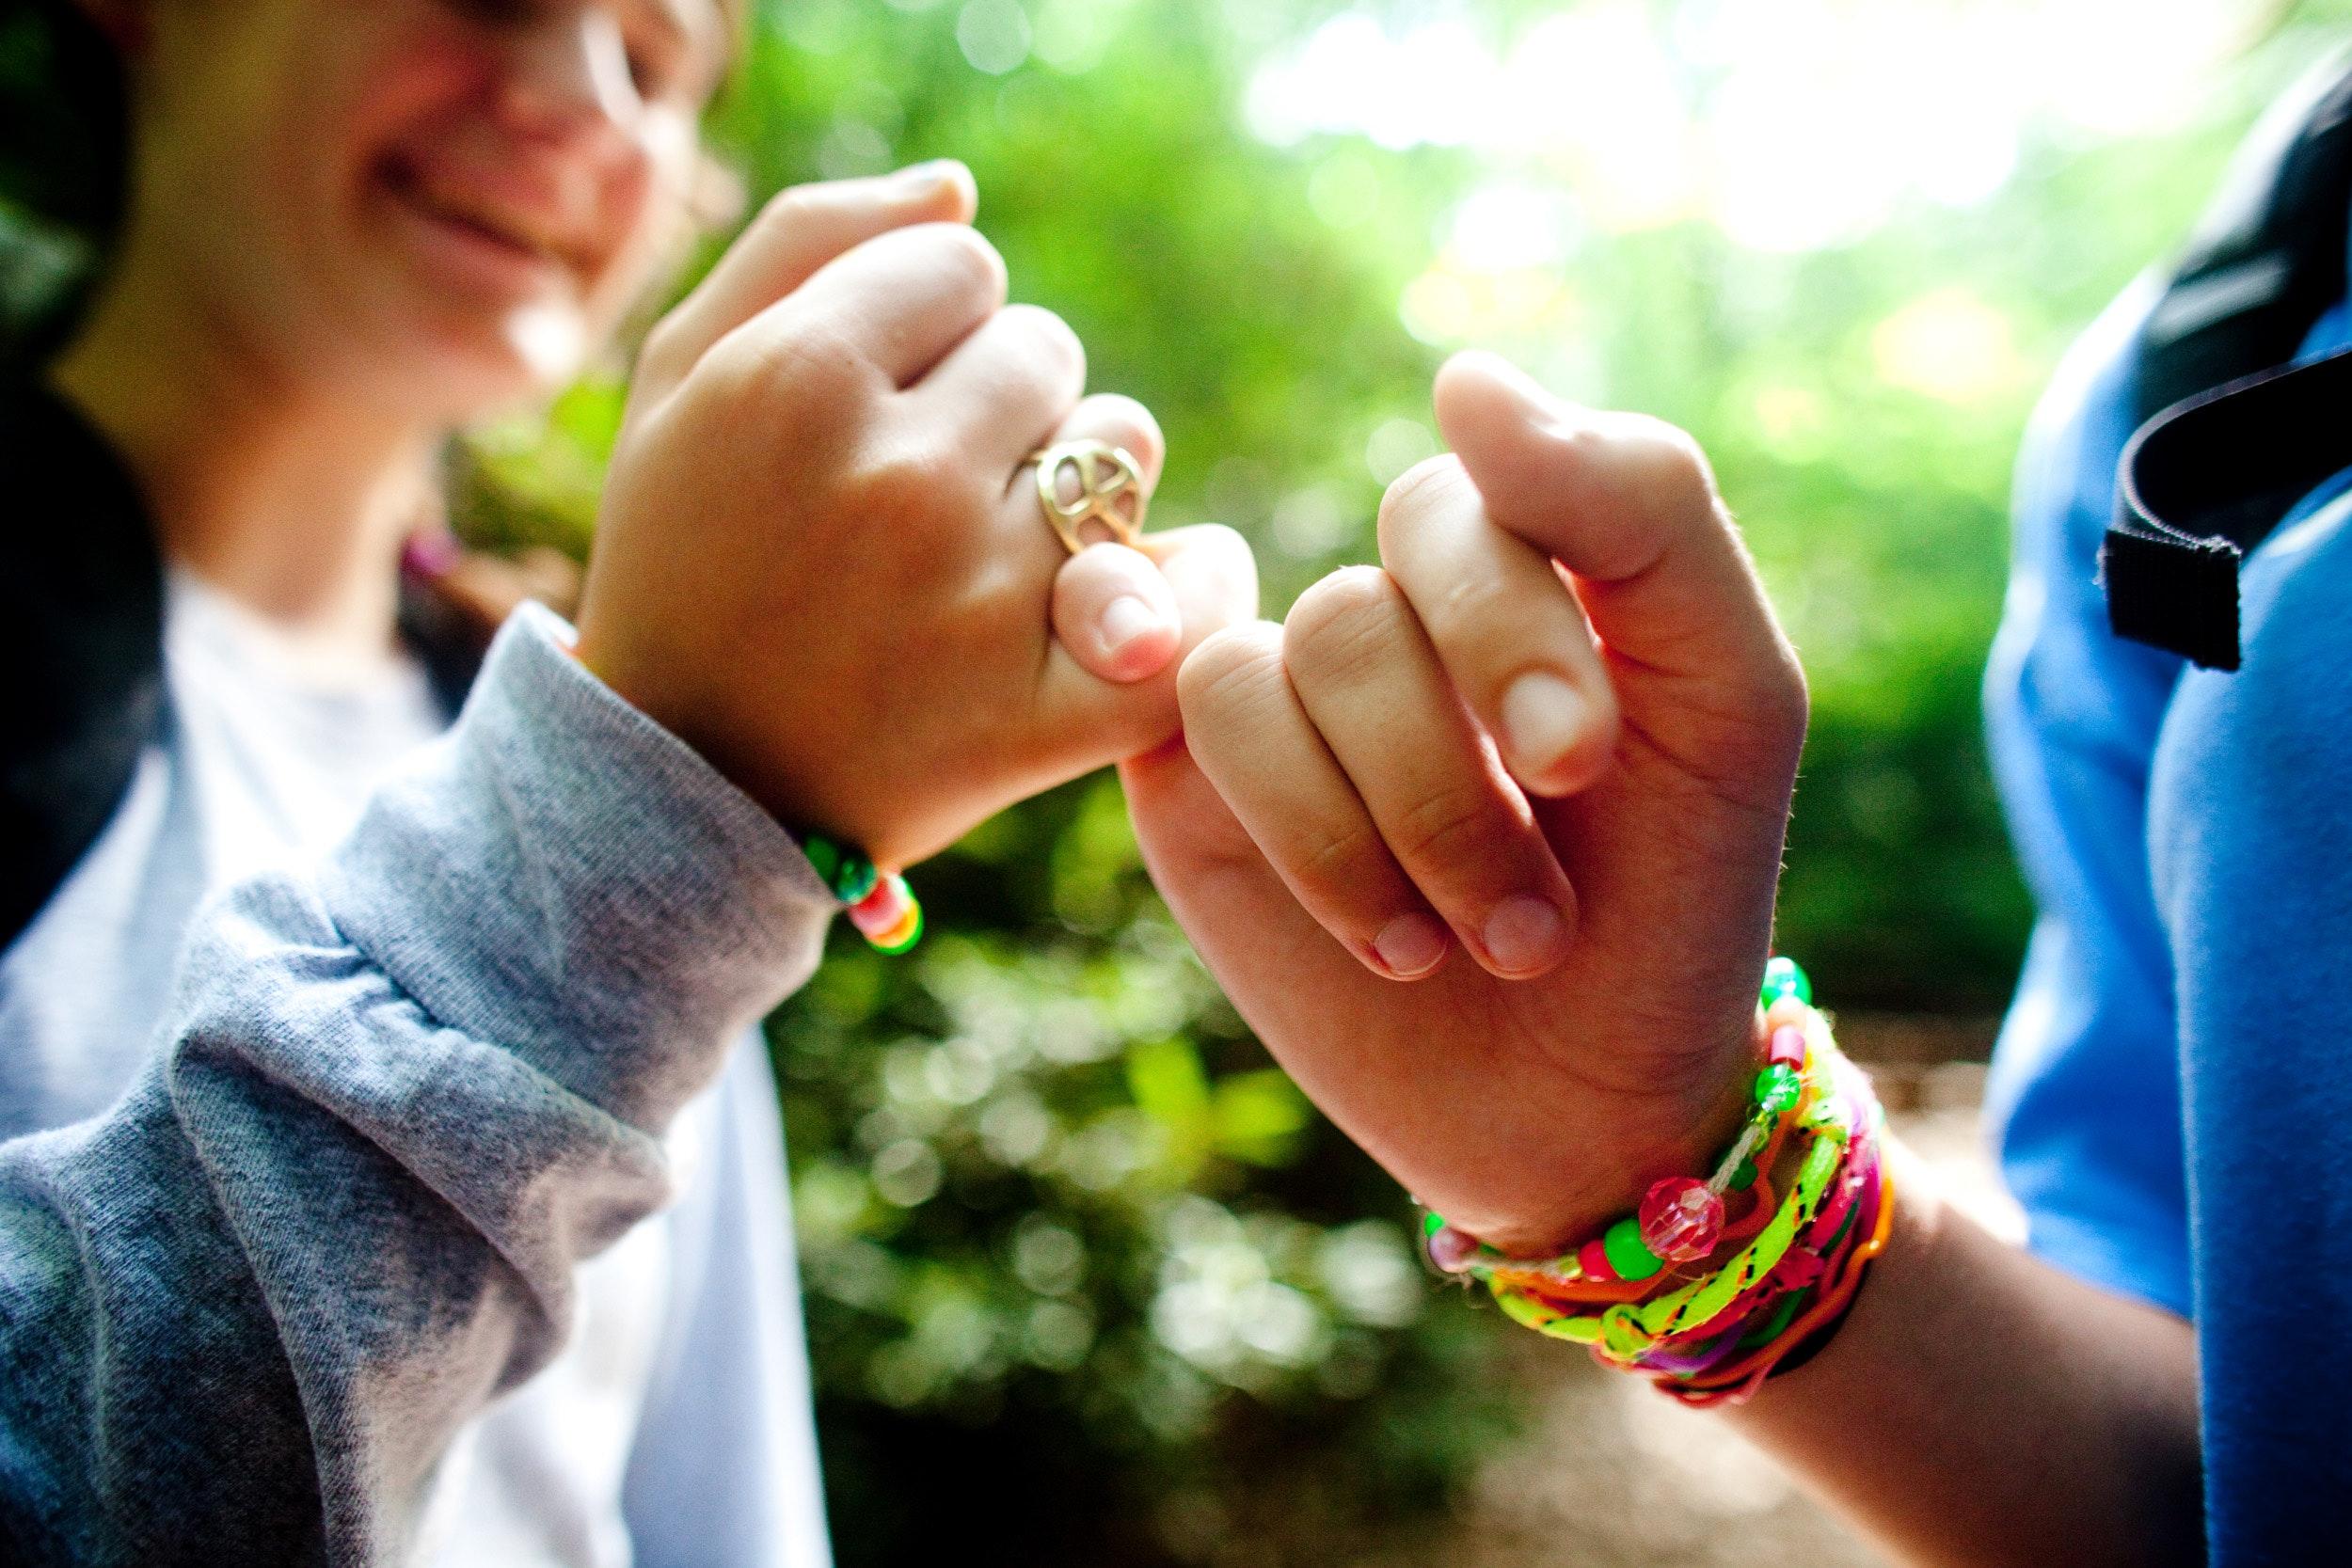 Refer a friend at keystone summer camp for girls in north carolina.jpg?ixlib=rails 2.1